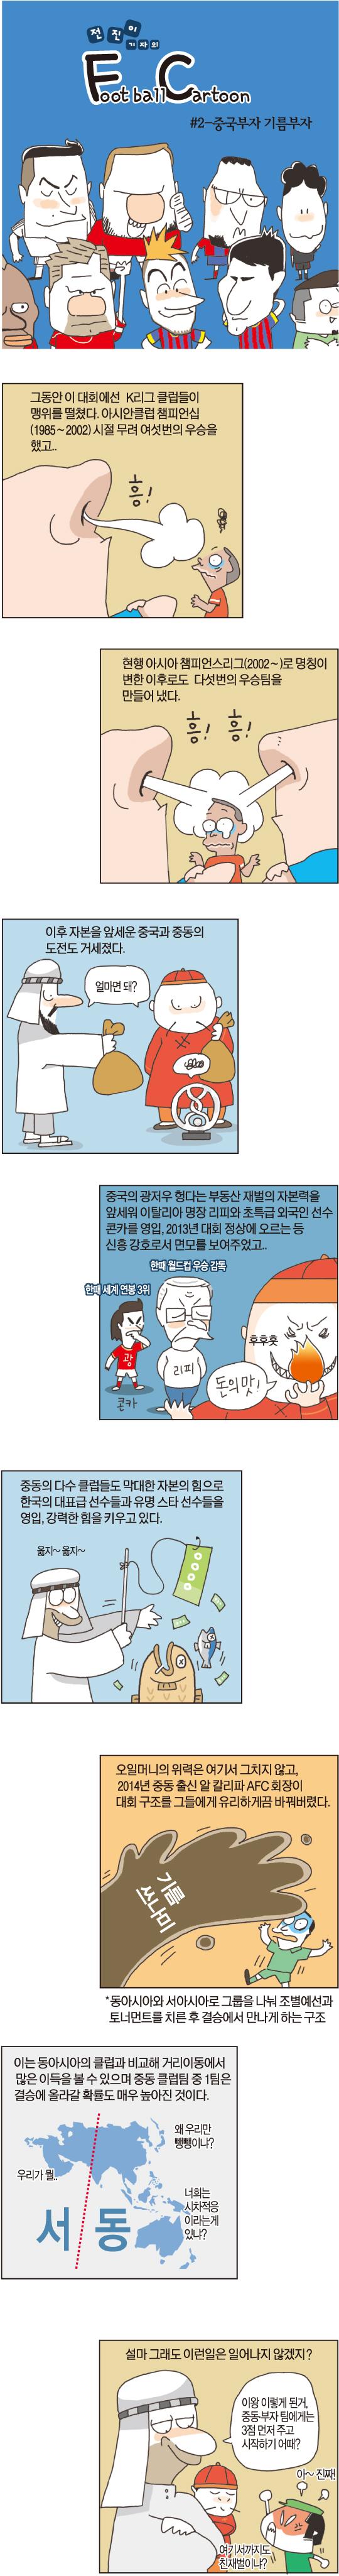 [전진이의 풋볼 카툰] 2. 중국부자 중동부자 기사의 사진